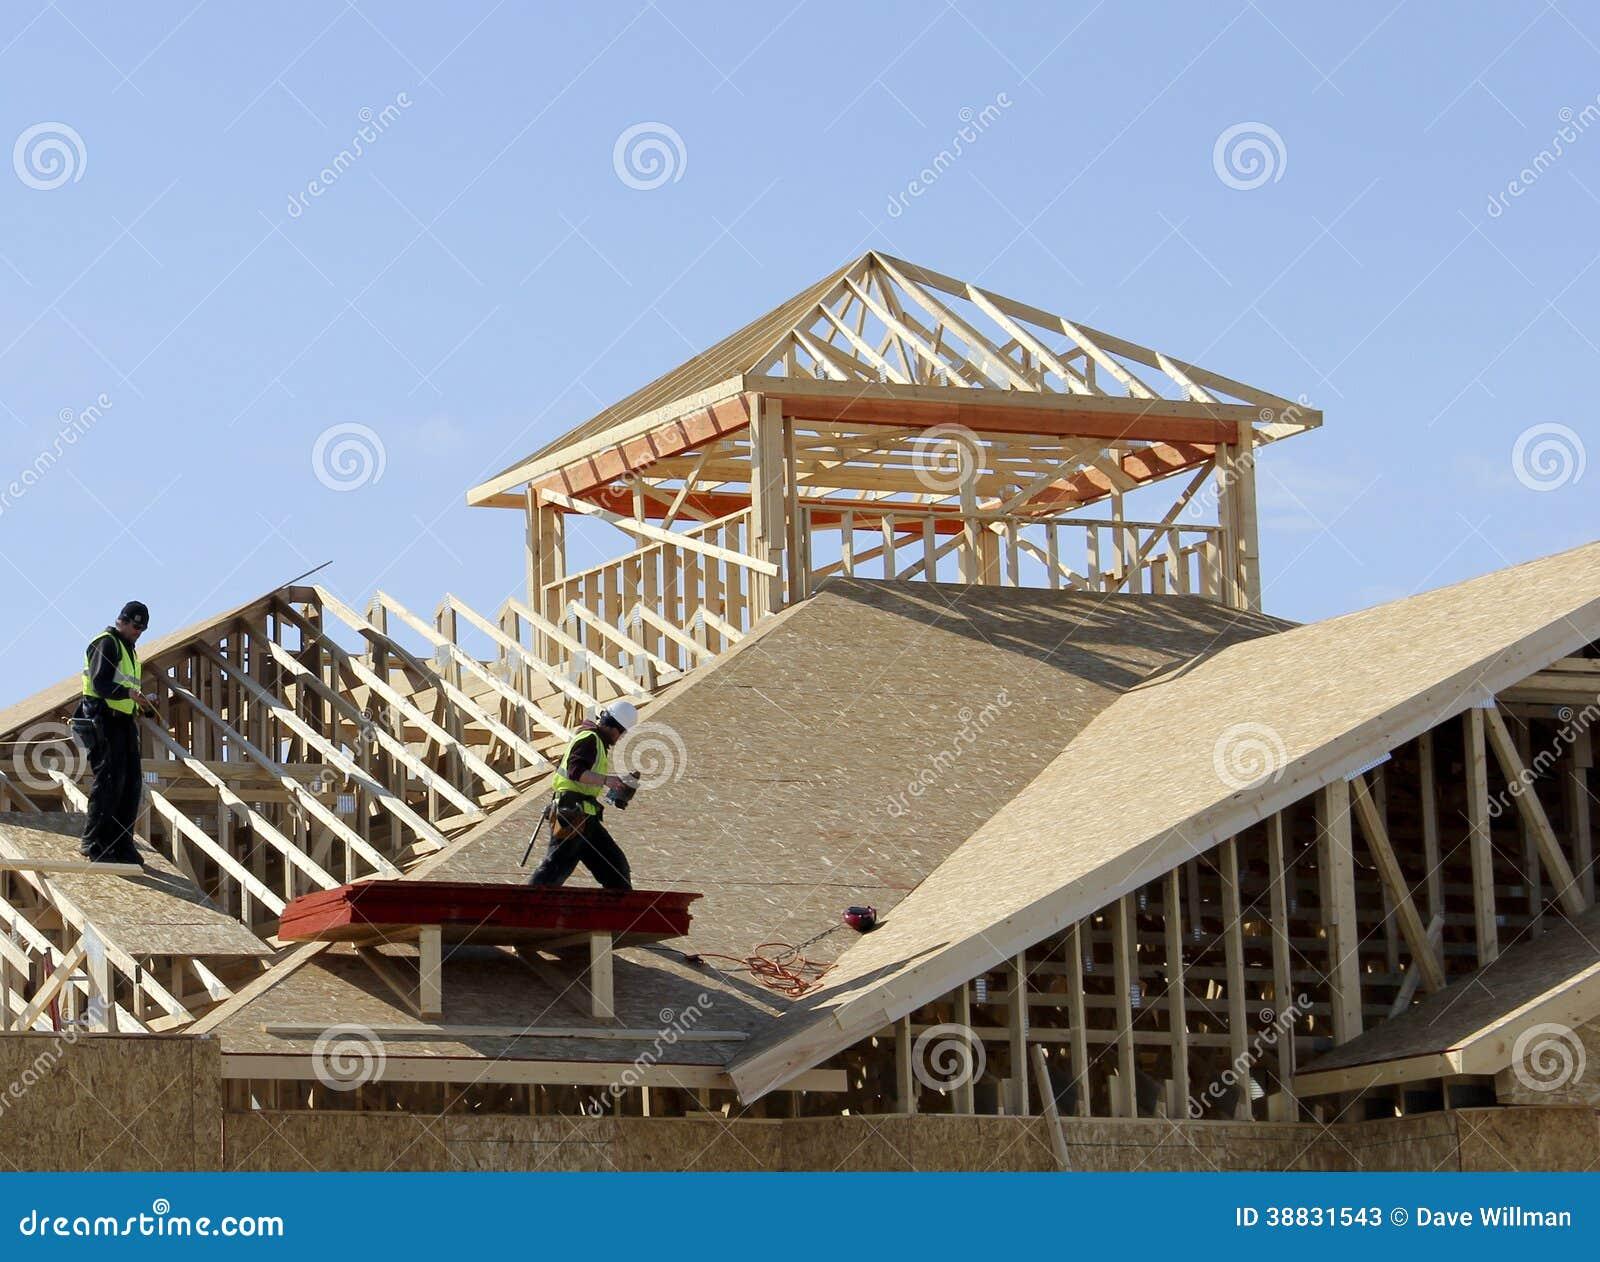 Tischler auf dem Dach